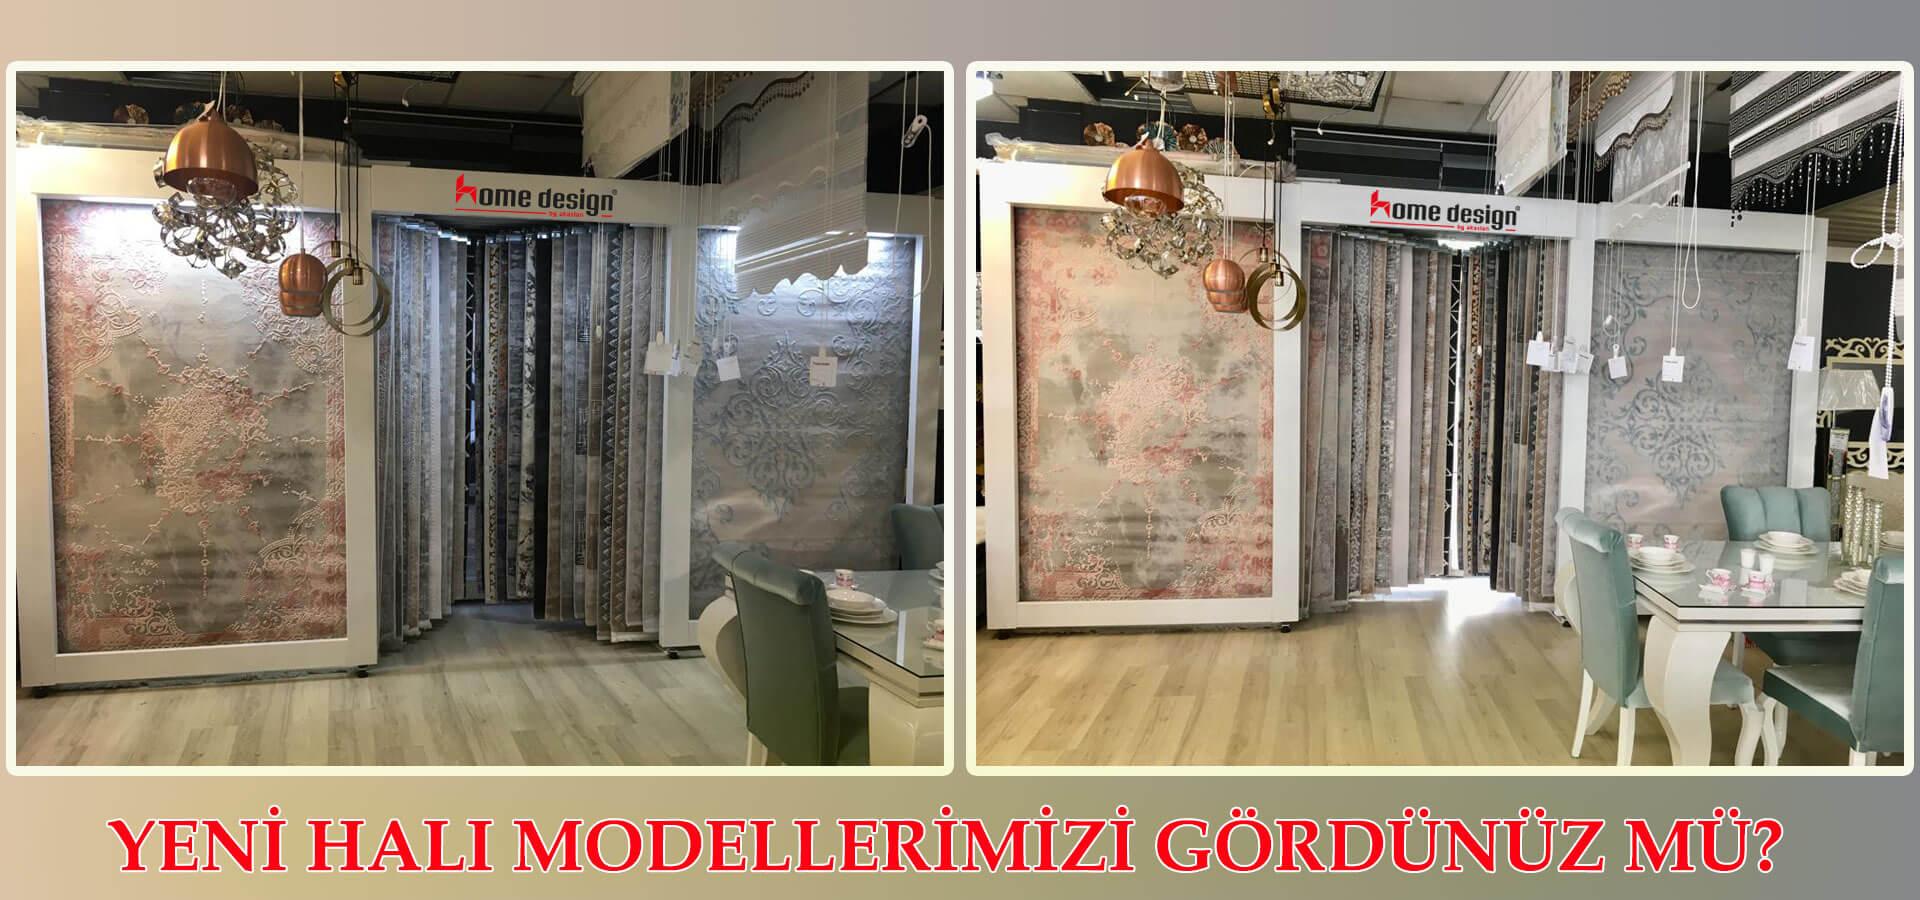 2019 Halı Modelleri AKASLAN MOBİLYA'da